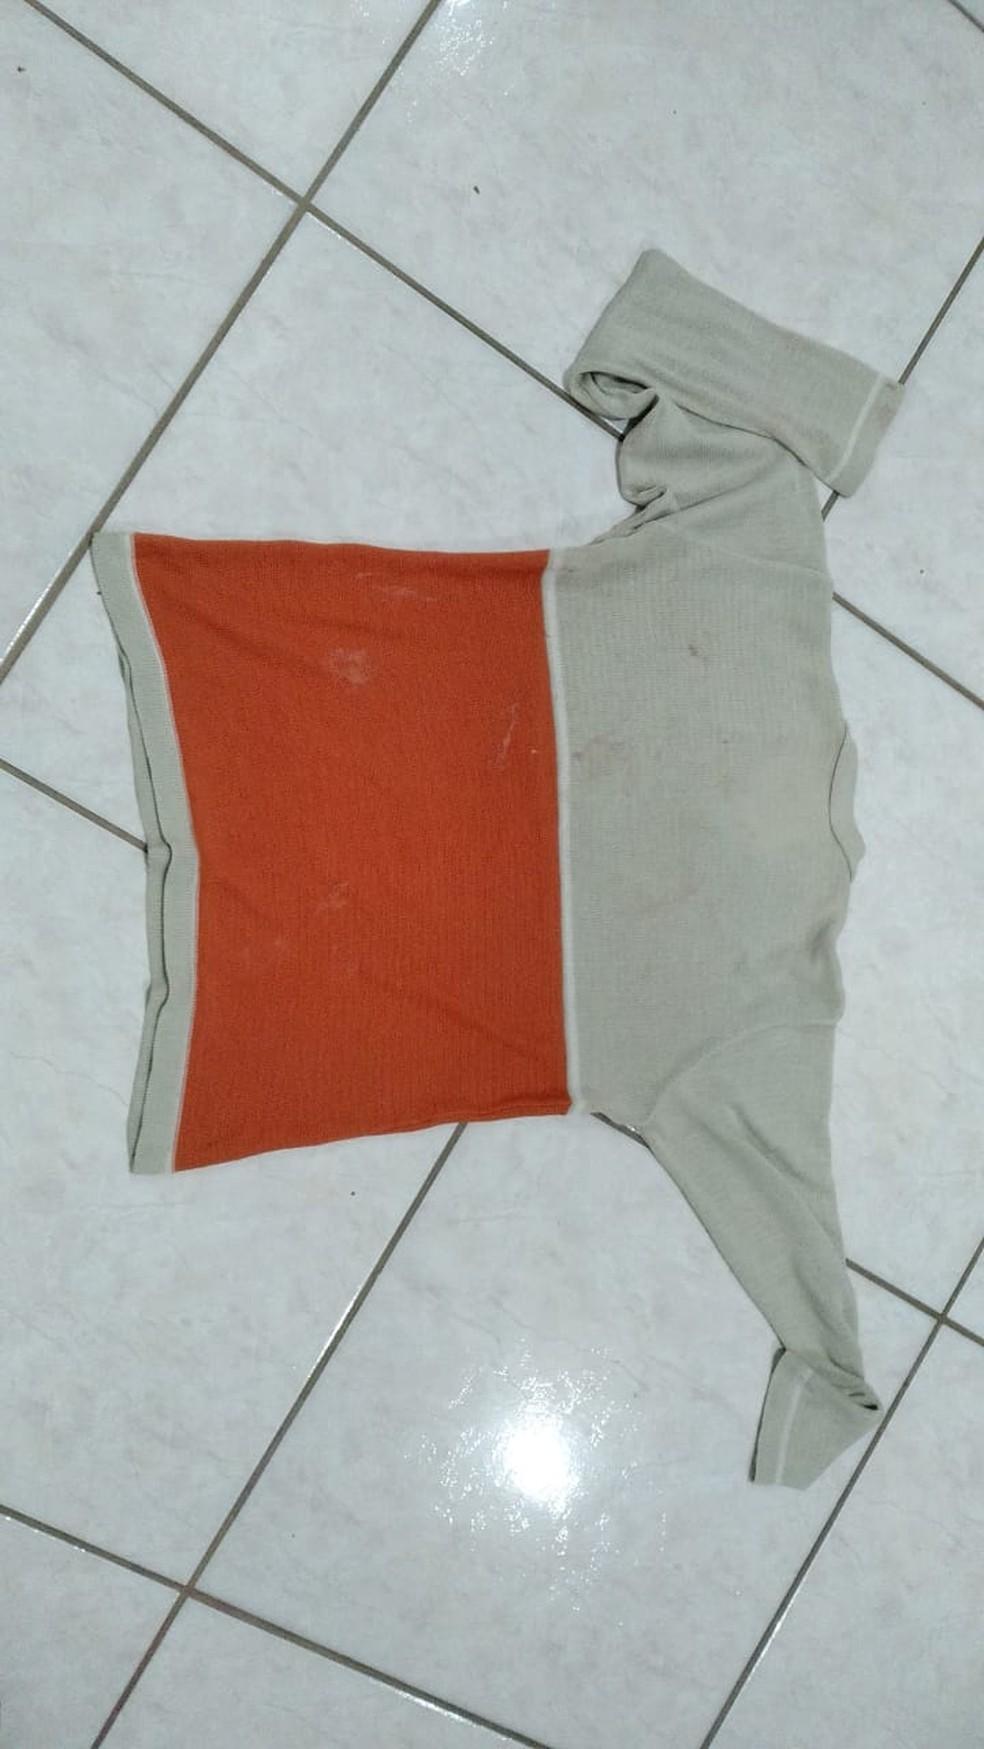 Roupa apreendida pela polícia que teria sido utilizada no crime — Foto: Polícia Militar/ Divulgação